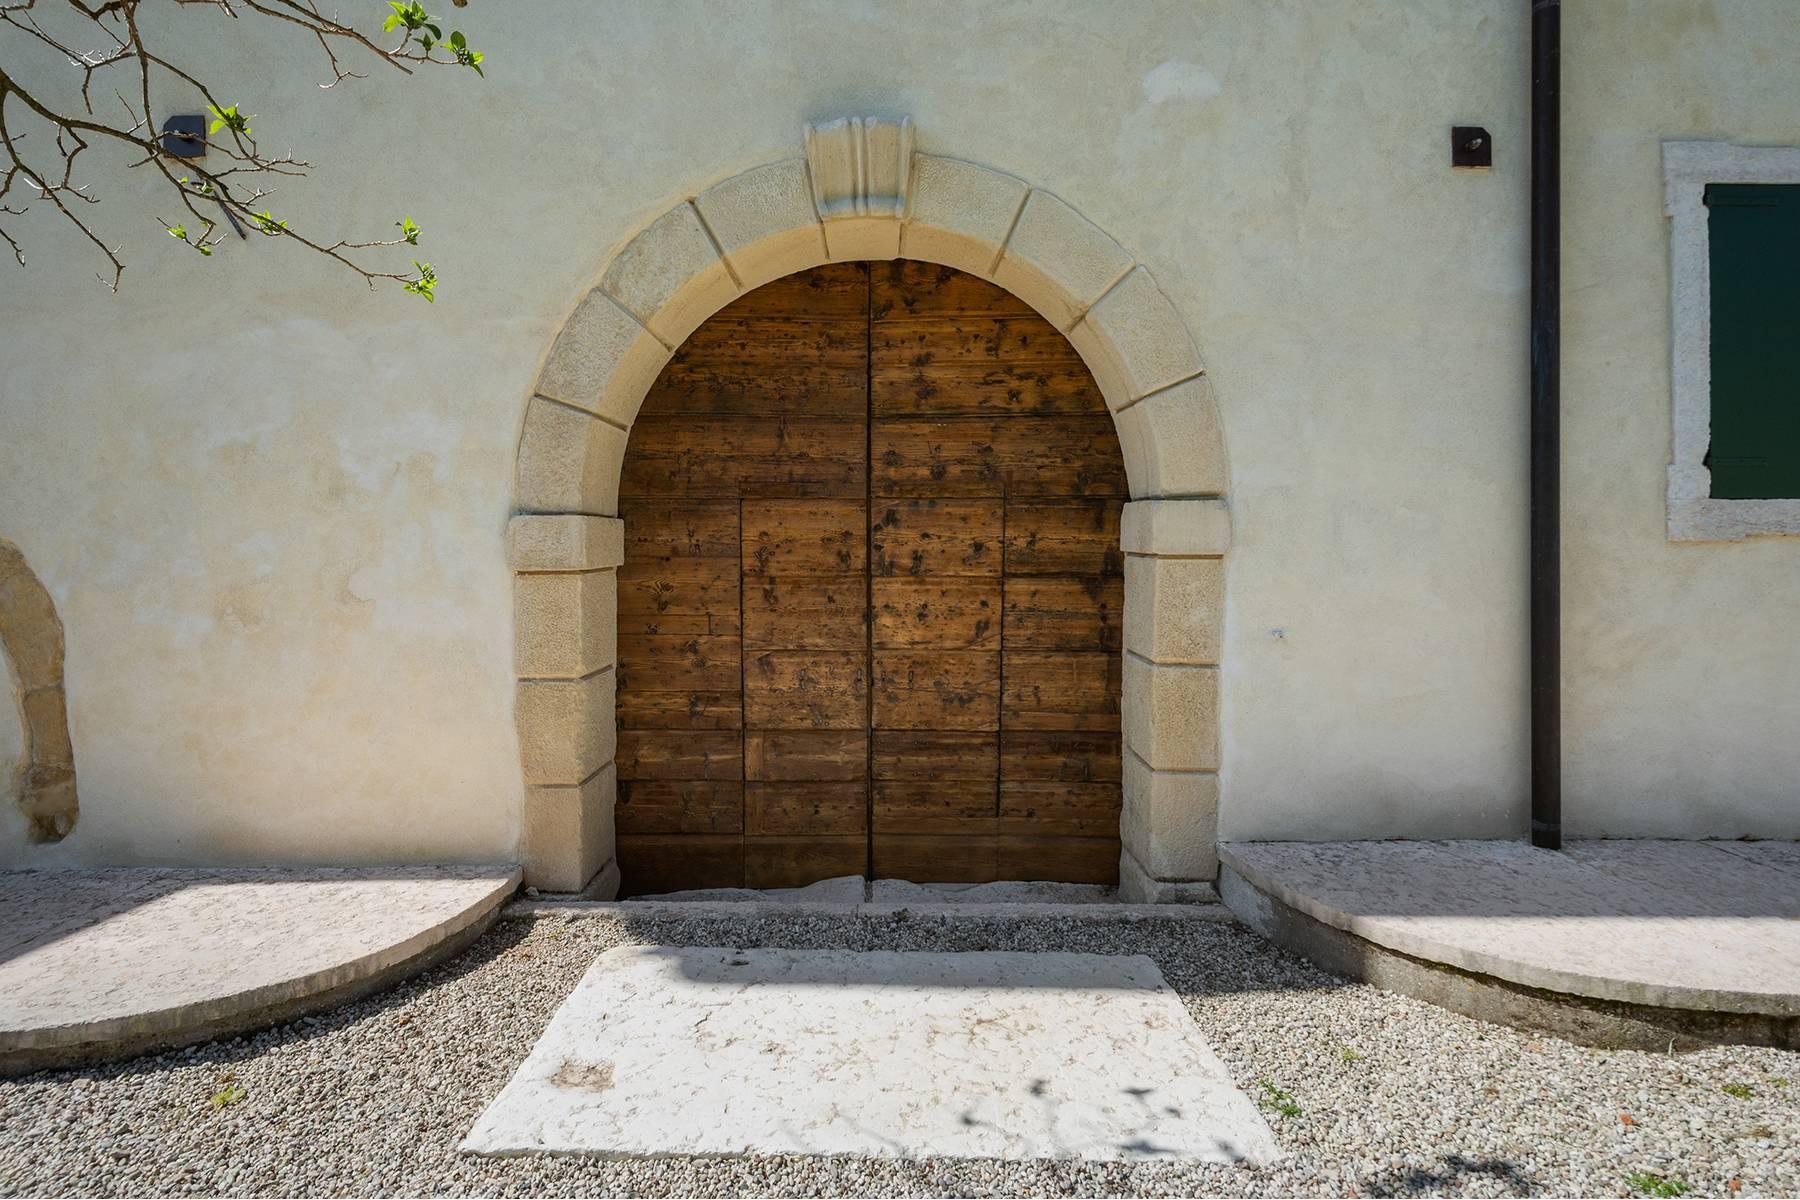 Historische Villa mit Park und prächtigem alten Keller, umgeben von Weinbergen - 23